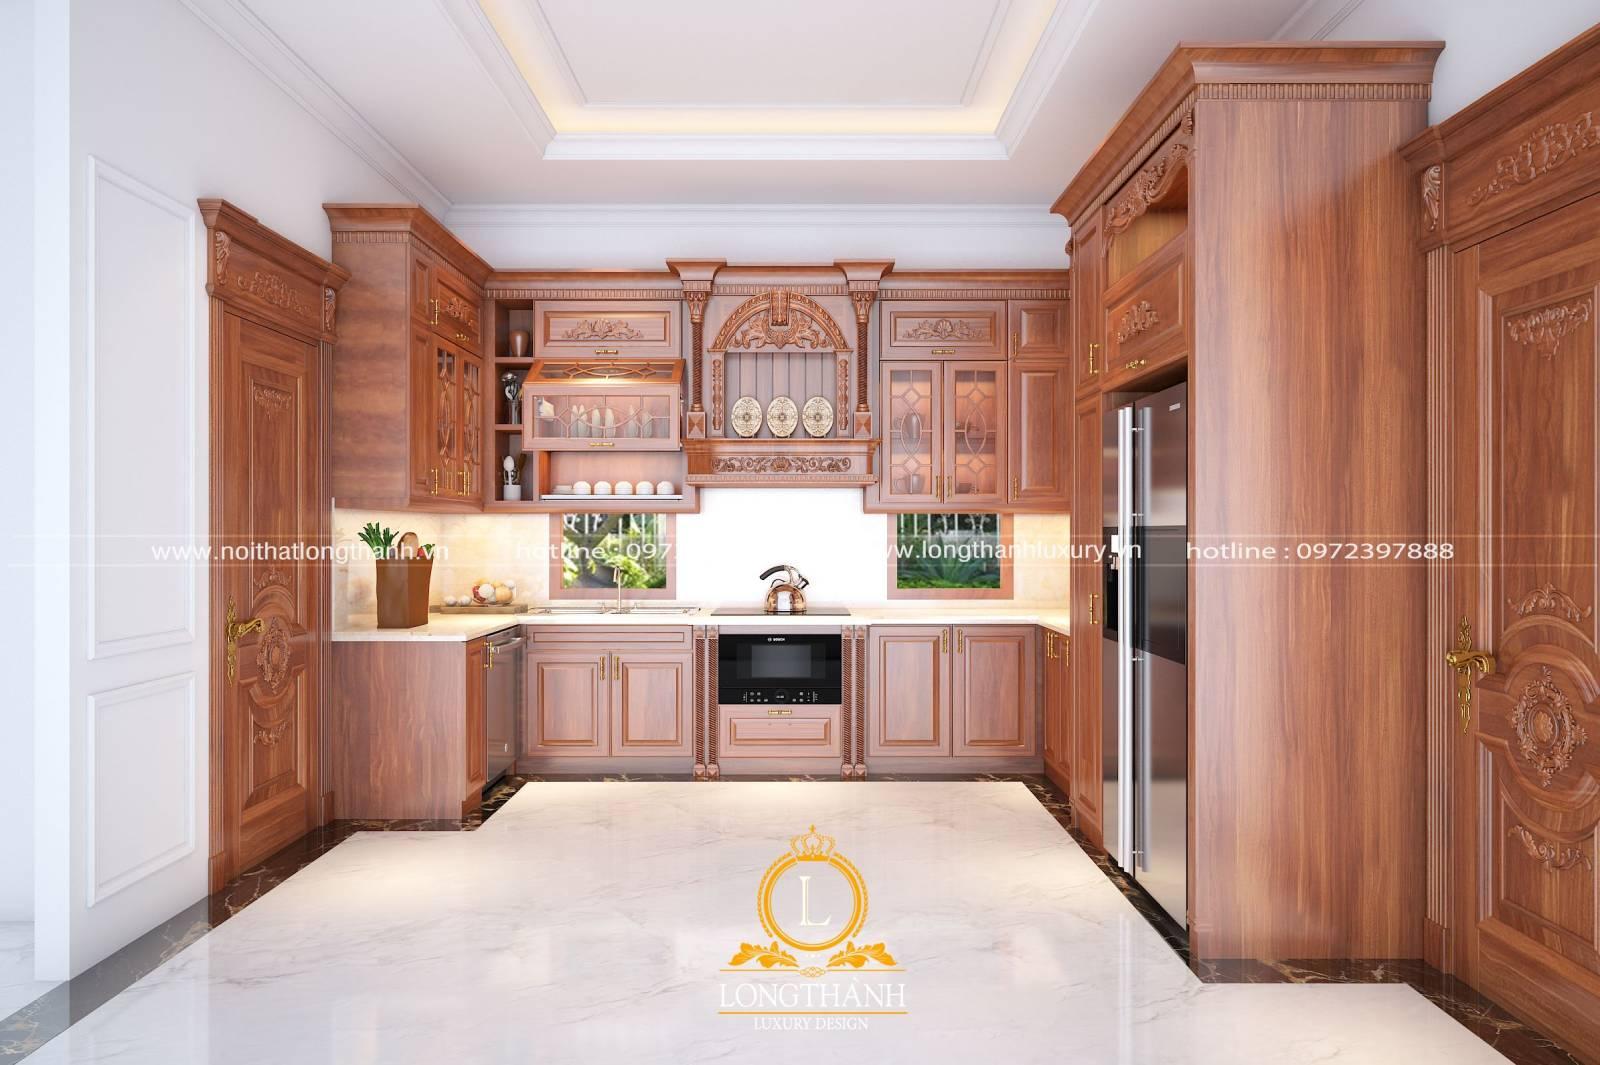 Nội thất tủ bếp Gỗ gõ với những ưu điểm nổi bật được nhiều người yêu thích